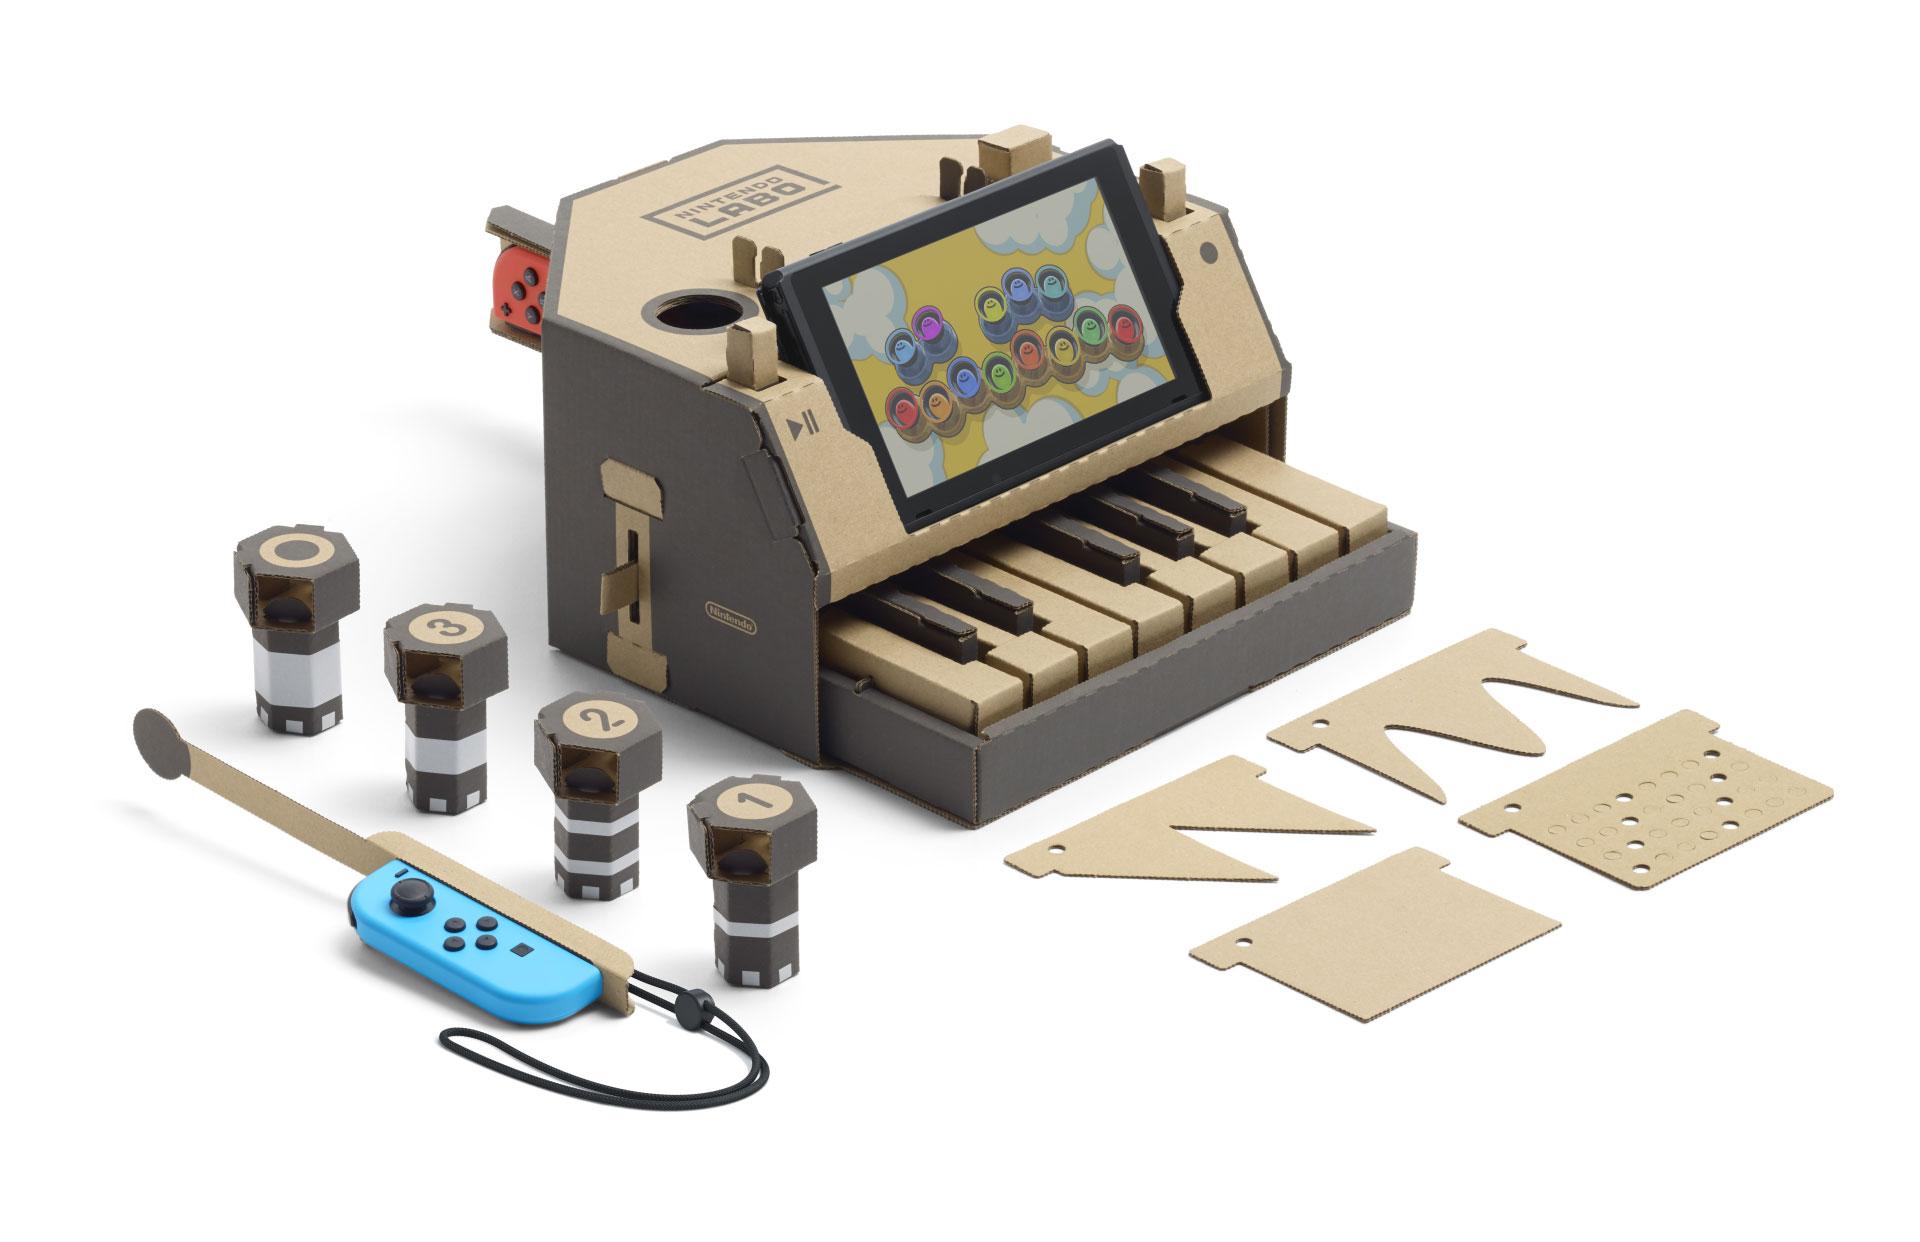 """Der Star des rund 70 Euro teuren """"Multi-Sets""""ist das Papp-Klavier: Über die Tastatur kann der Gamer Melodien nach- oder eigene Kompositionen einspielen. Mit Schaltern und Lochkarten verändert er Tonart sowie Rhythmus."""